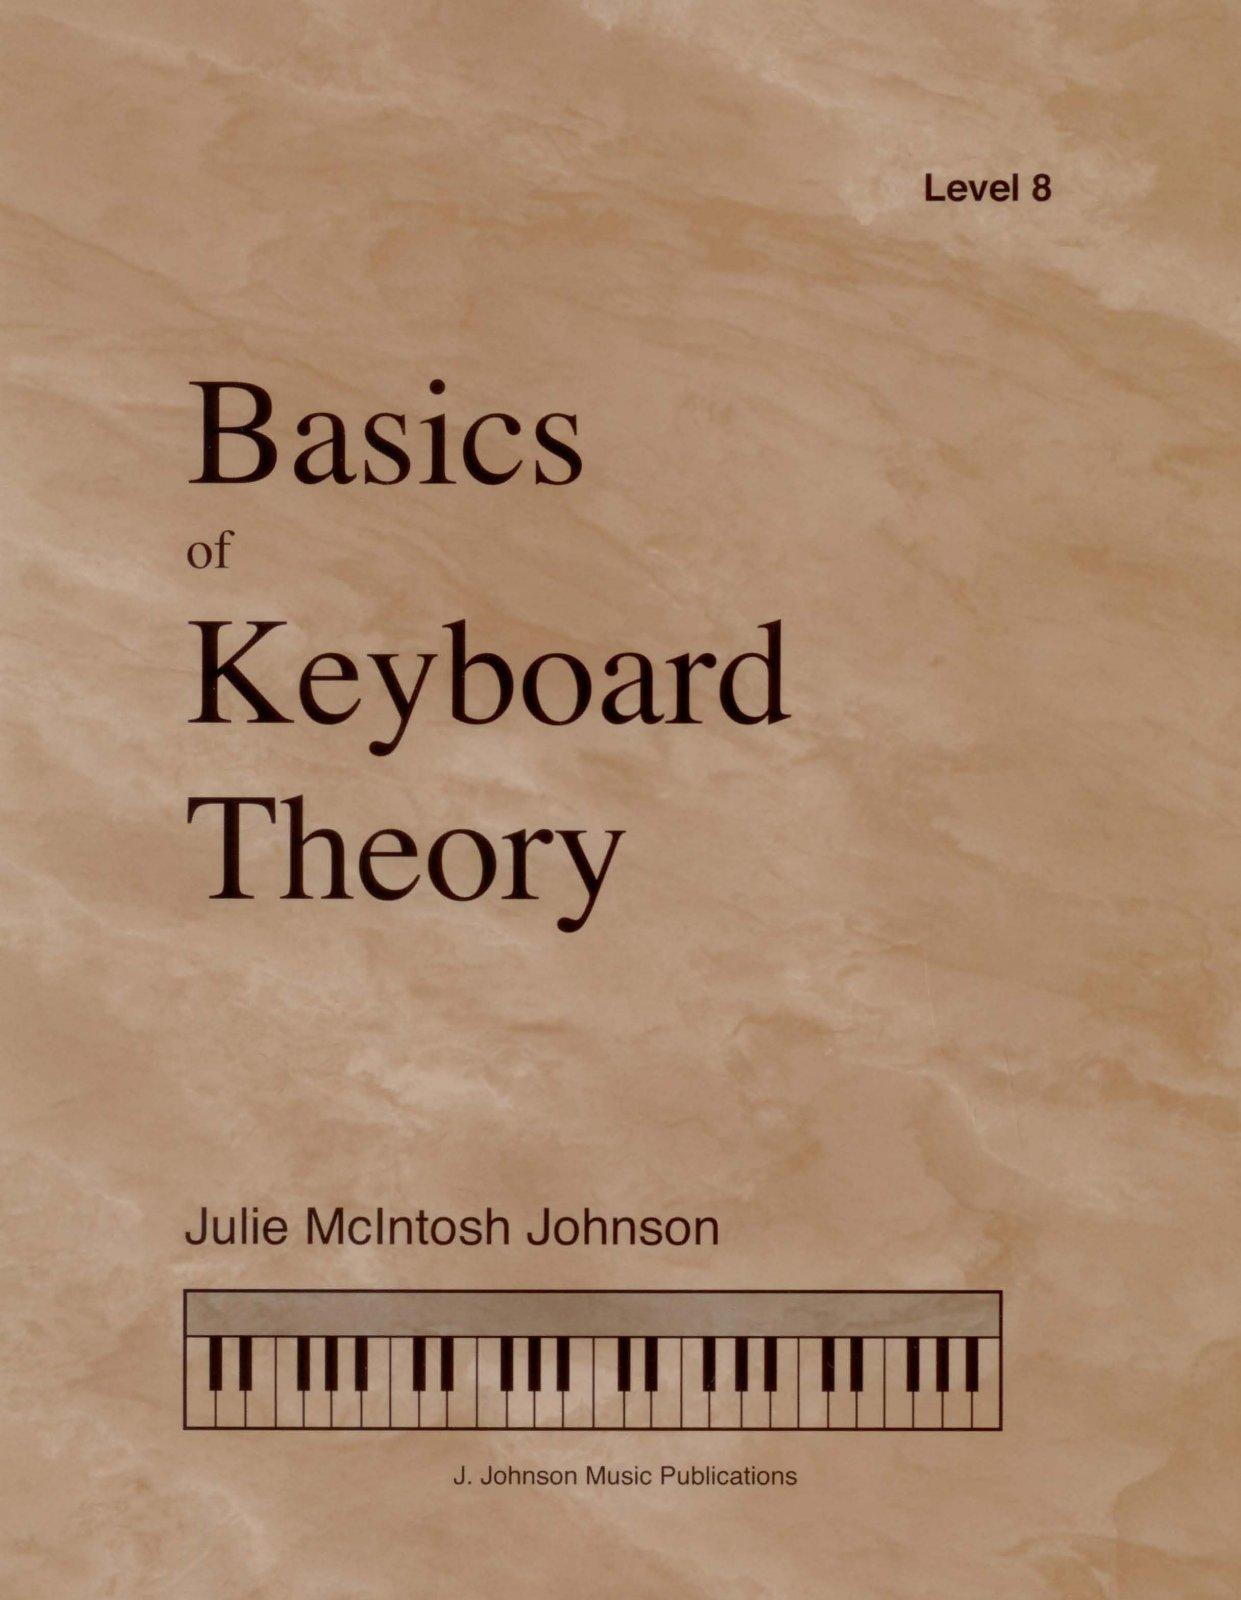 Basics Of Keyboard Theory Level 8 Julie Johnson